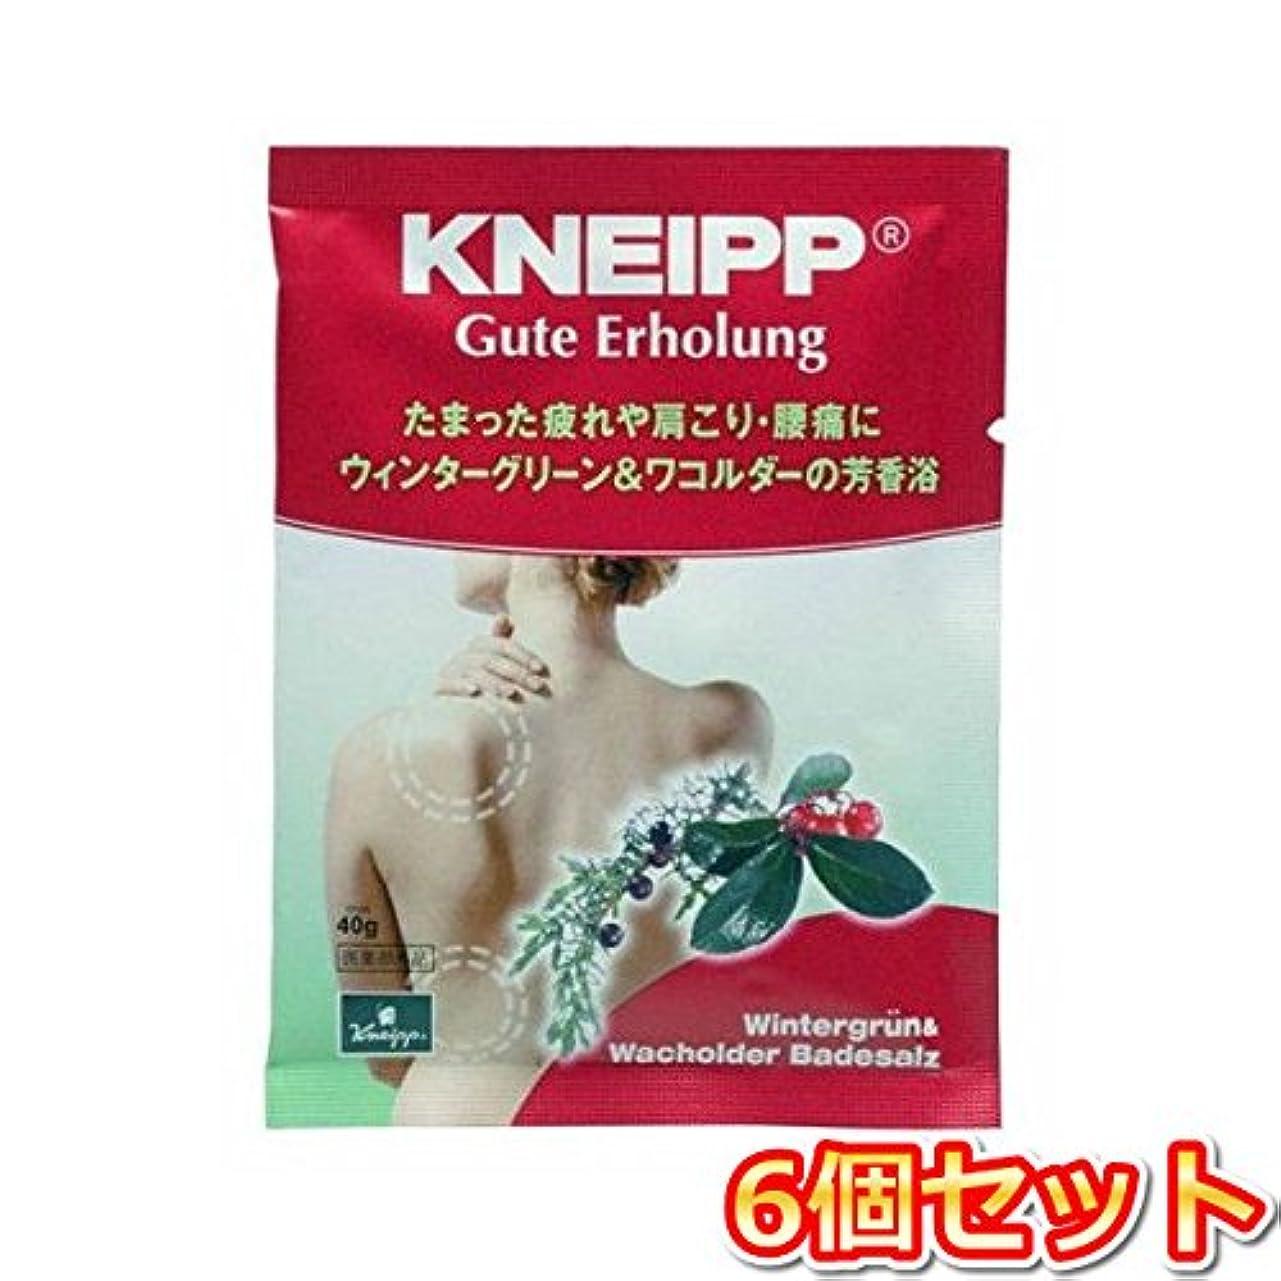 とんでもない療法ガラスクナイプ?ジャパン クナイプグーテエアホールング ウィンターグリーン&ワコルダー 40g(医薬部外品) 6個セット